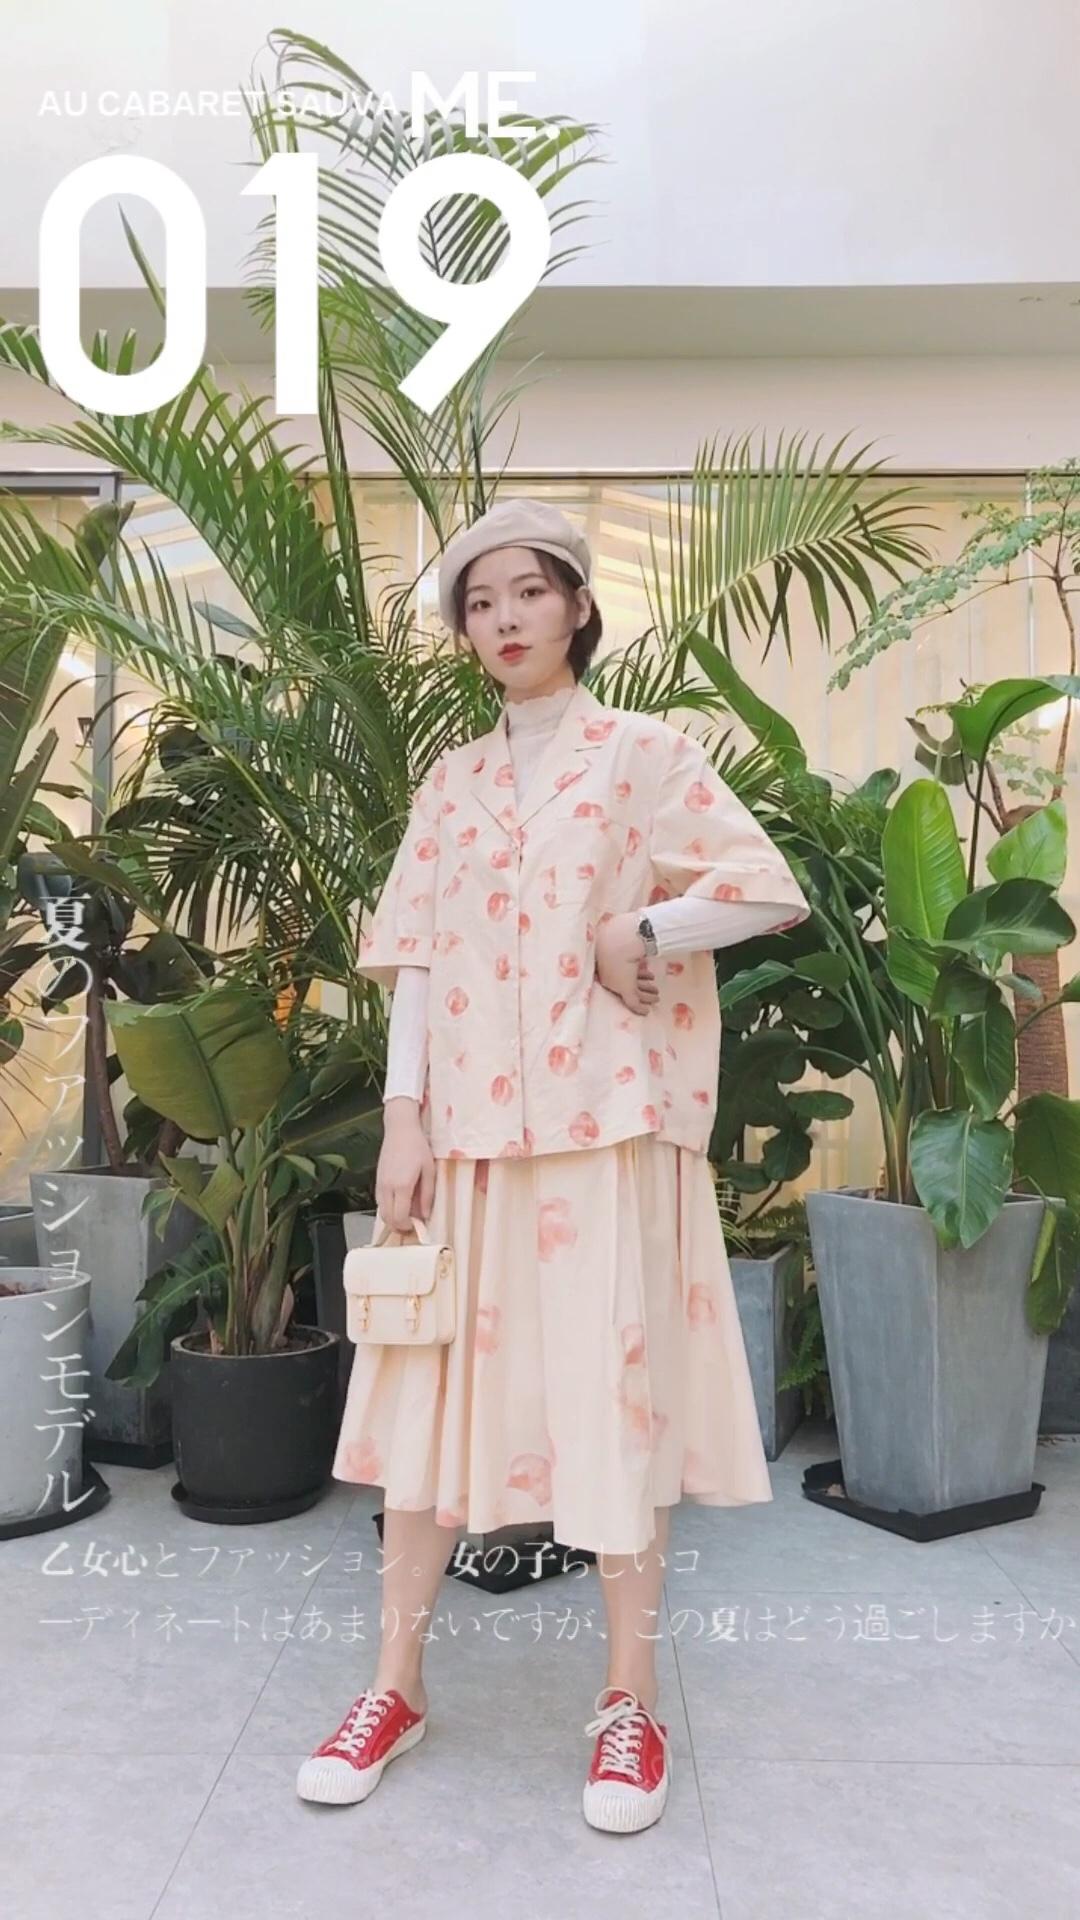 #秋装上新穿搭打卡#  温柔的早秋穿搭 白色半高领内搭搭配桃子套装 粉酷色的一套搭配